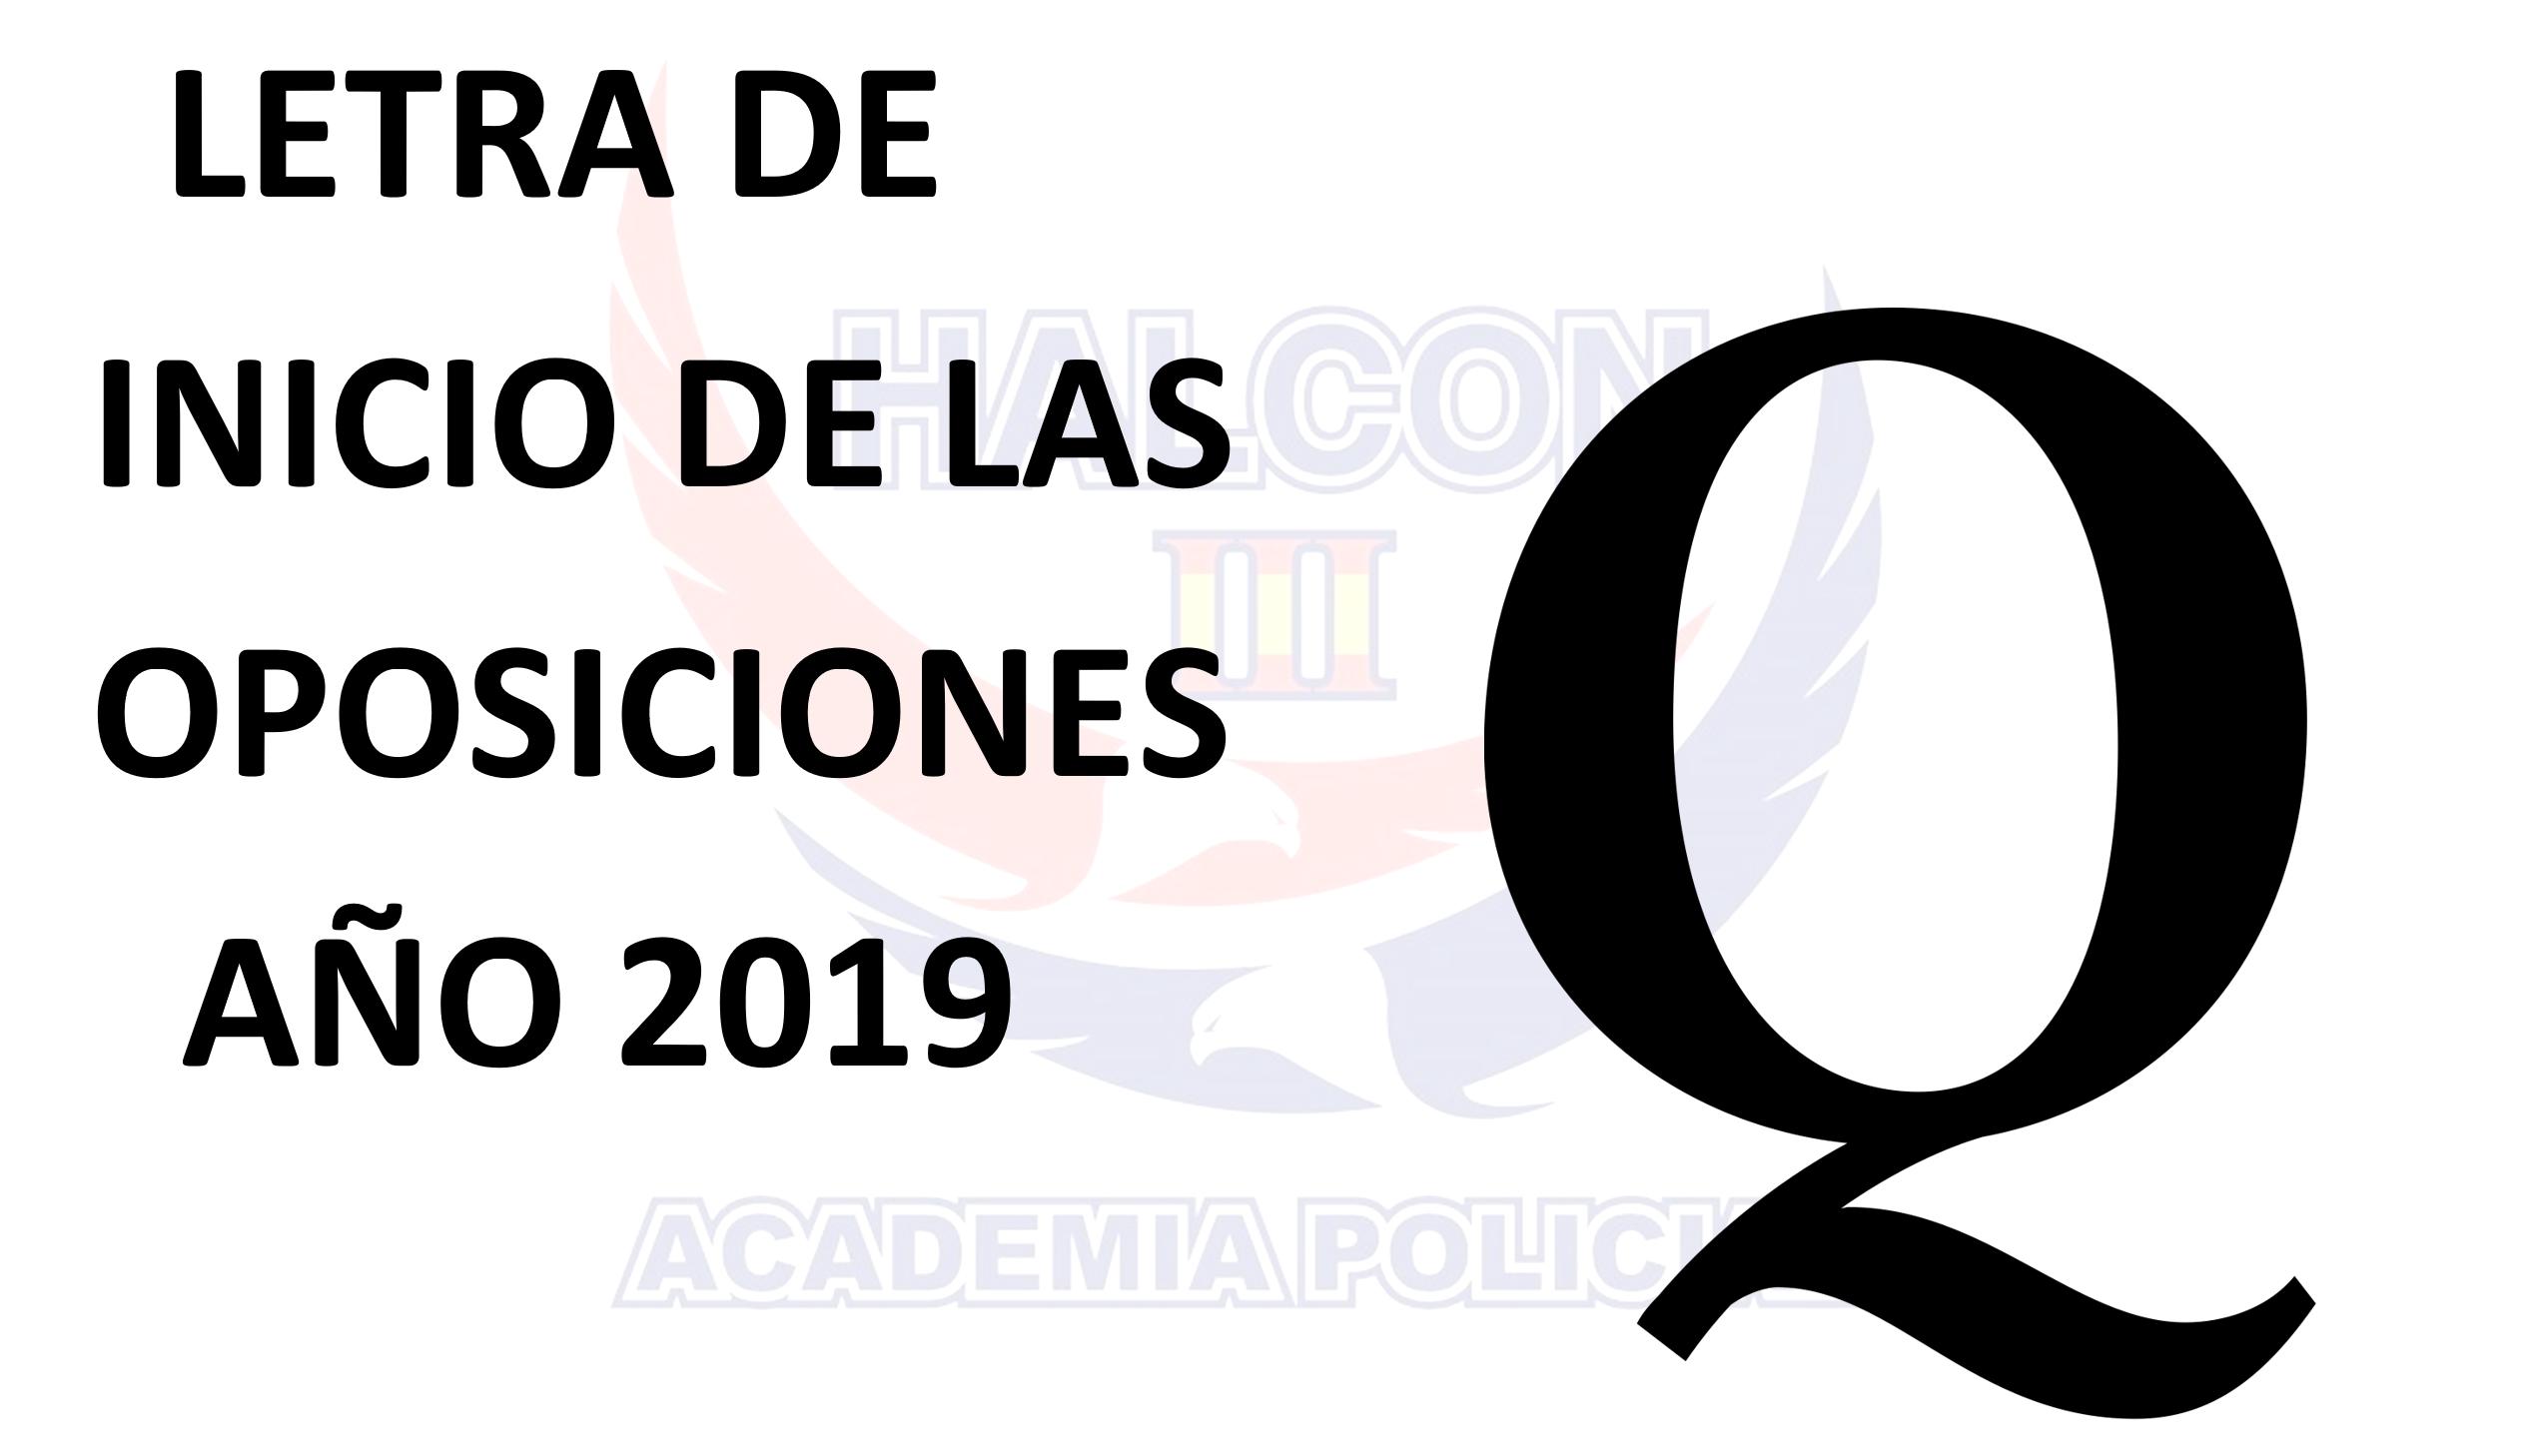 Letra oposiciones año 2019